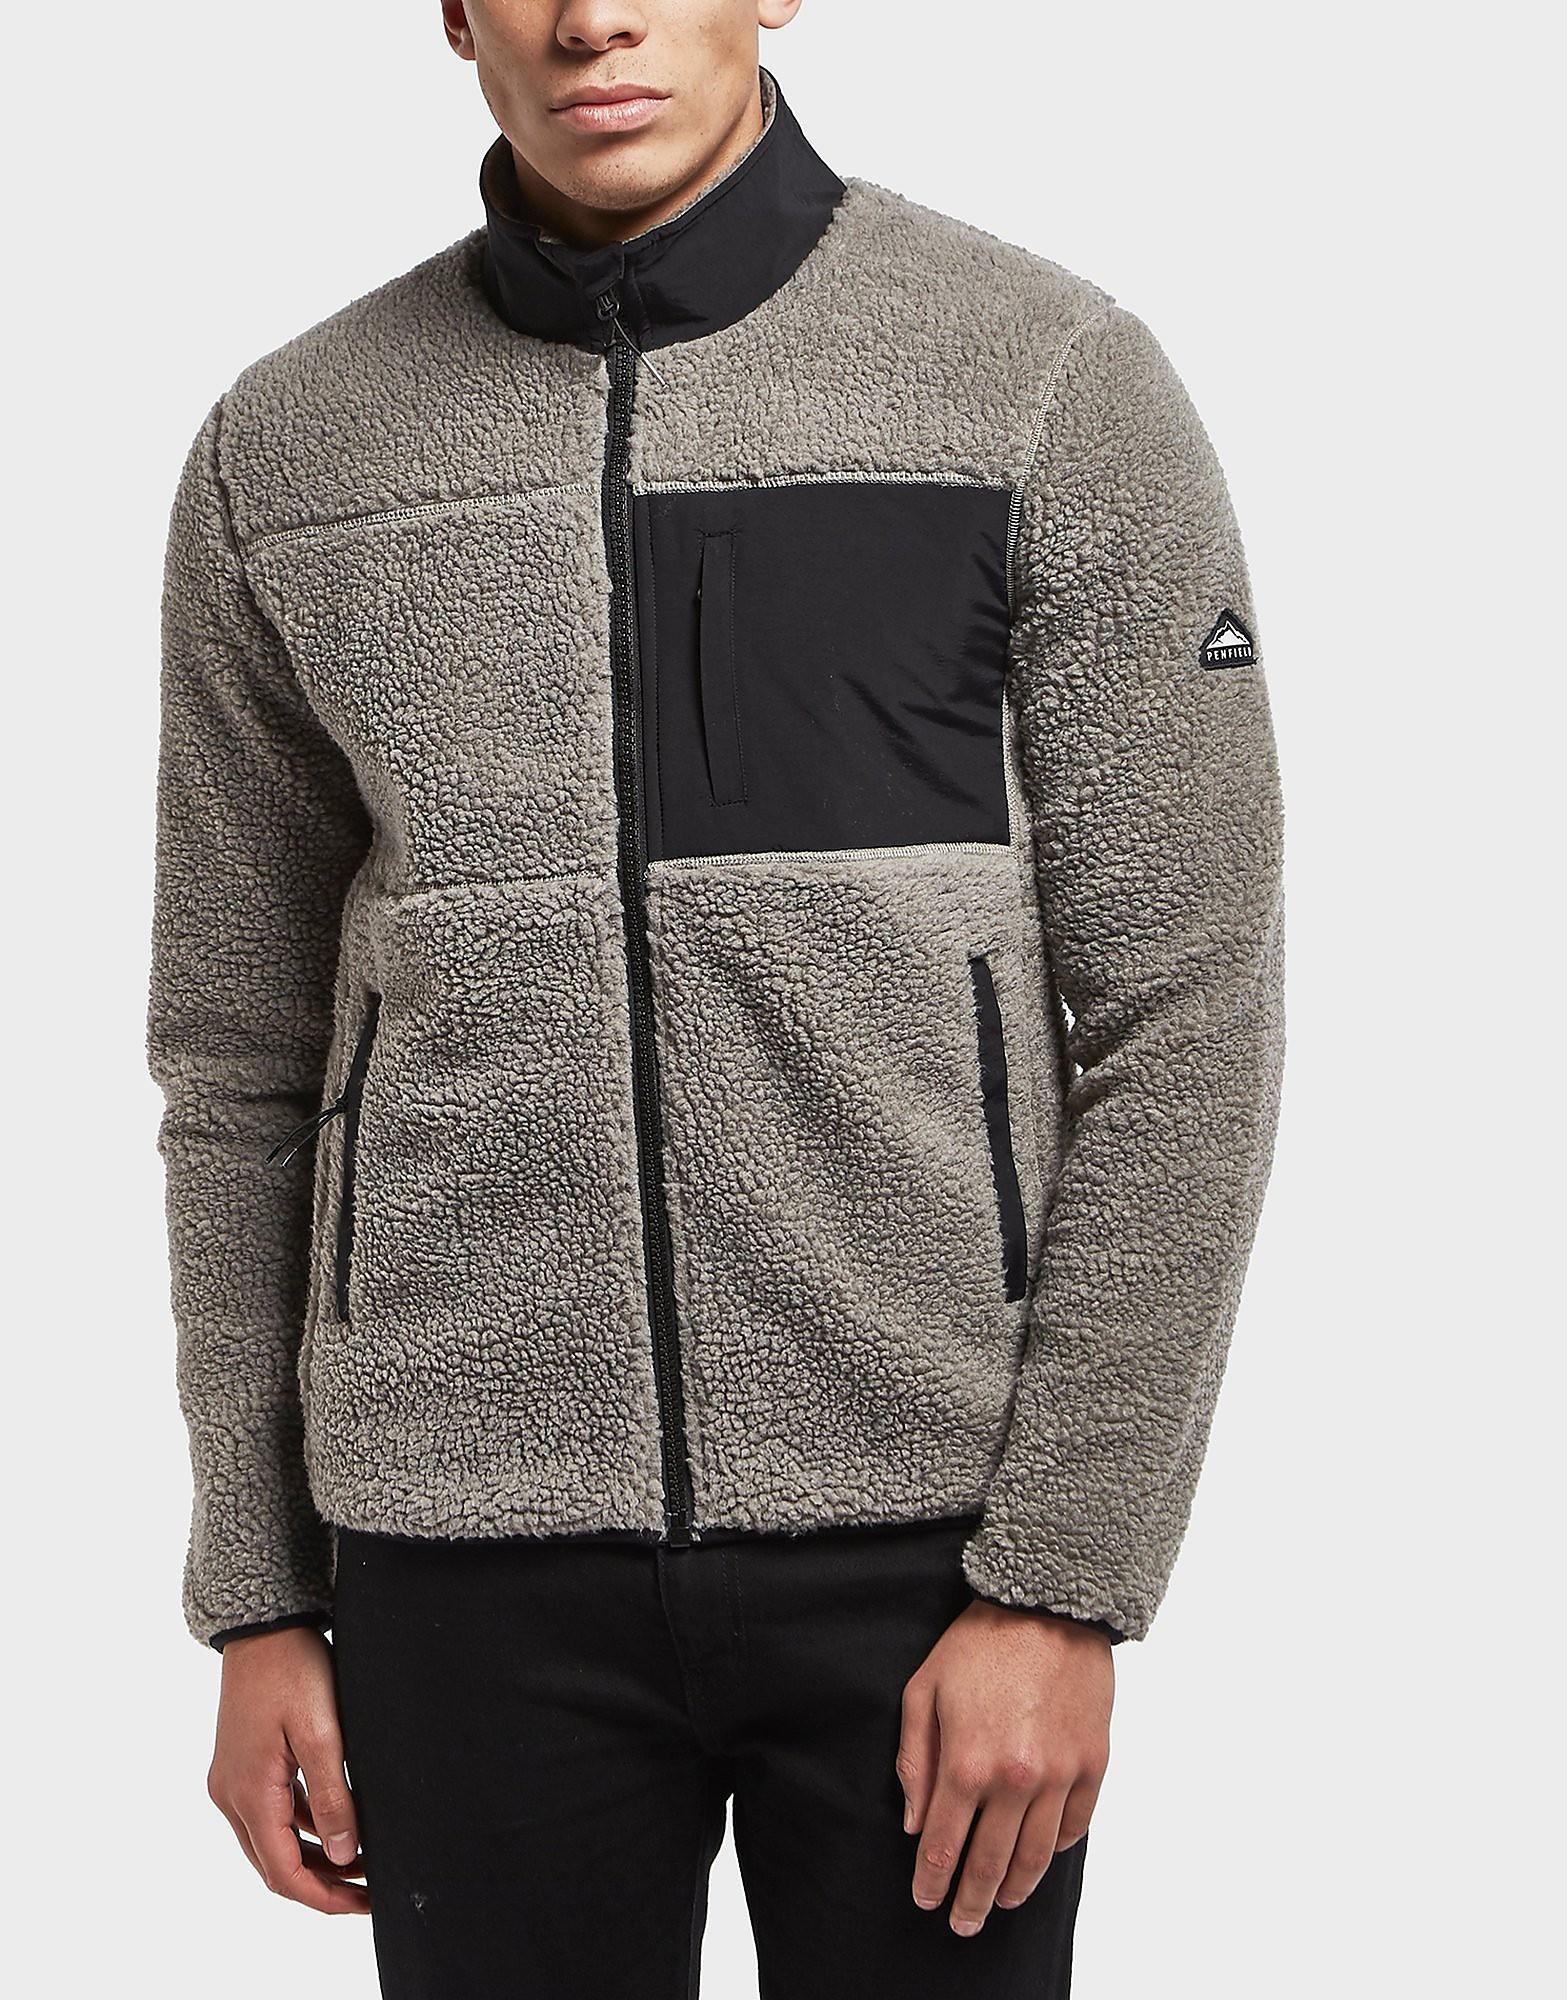 Penfield Mattawa Sherp Full Zip Sweatshirt